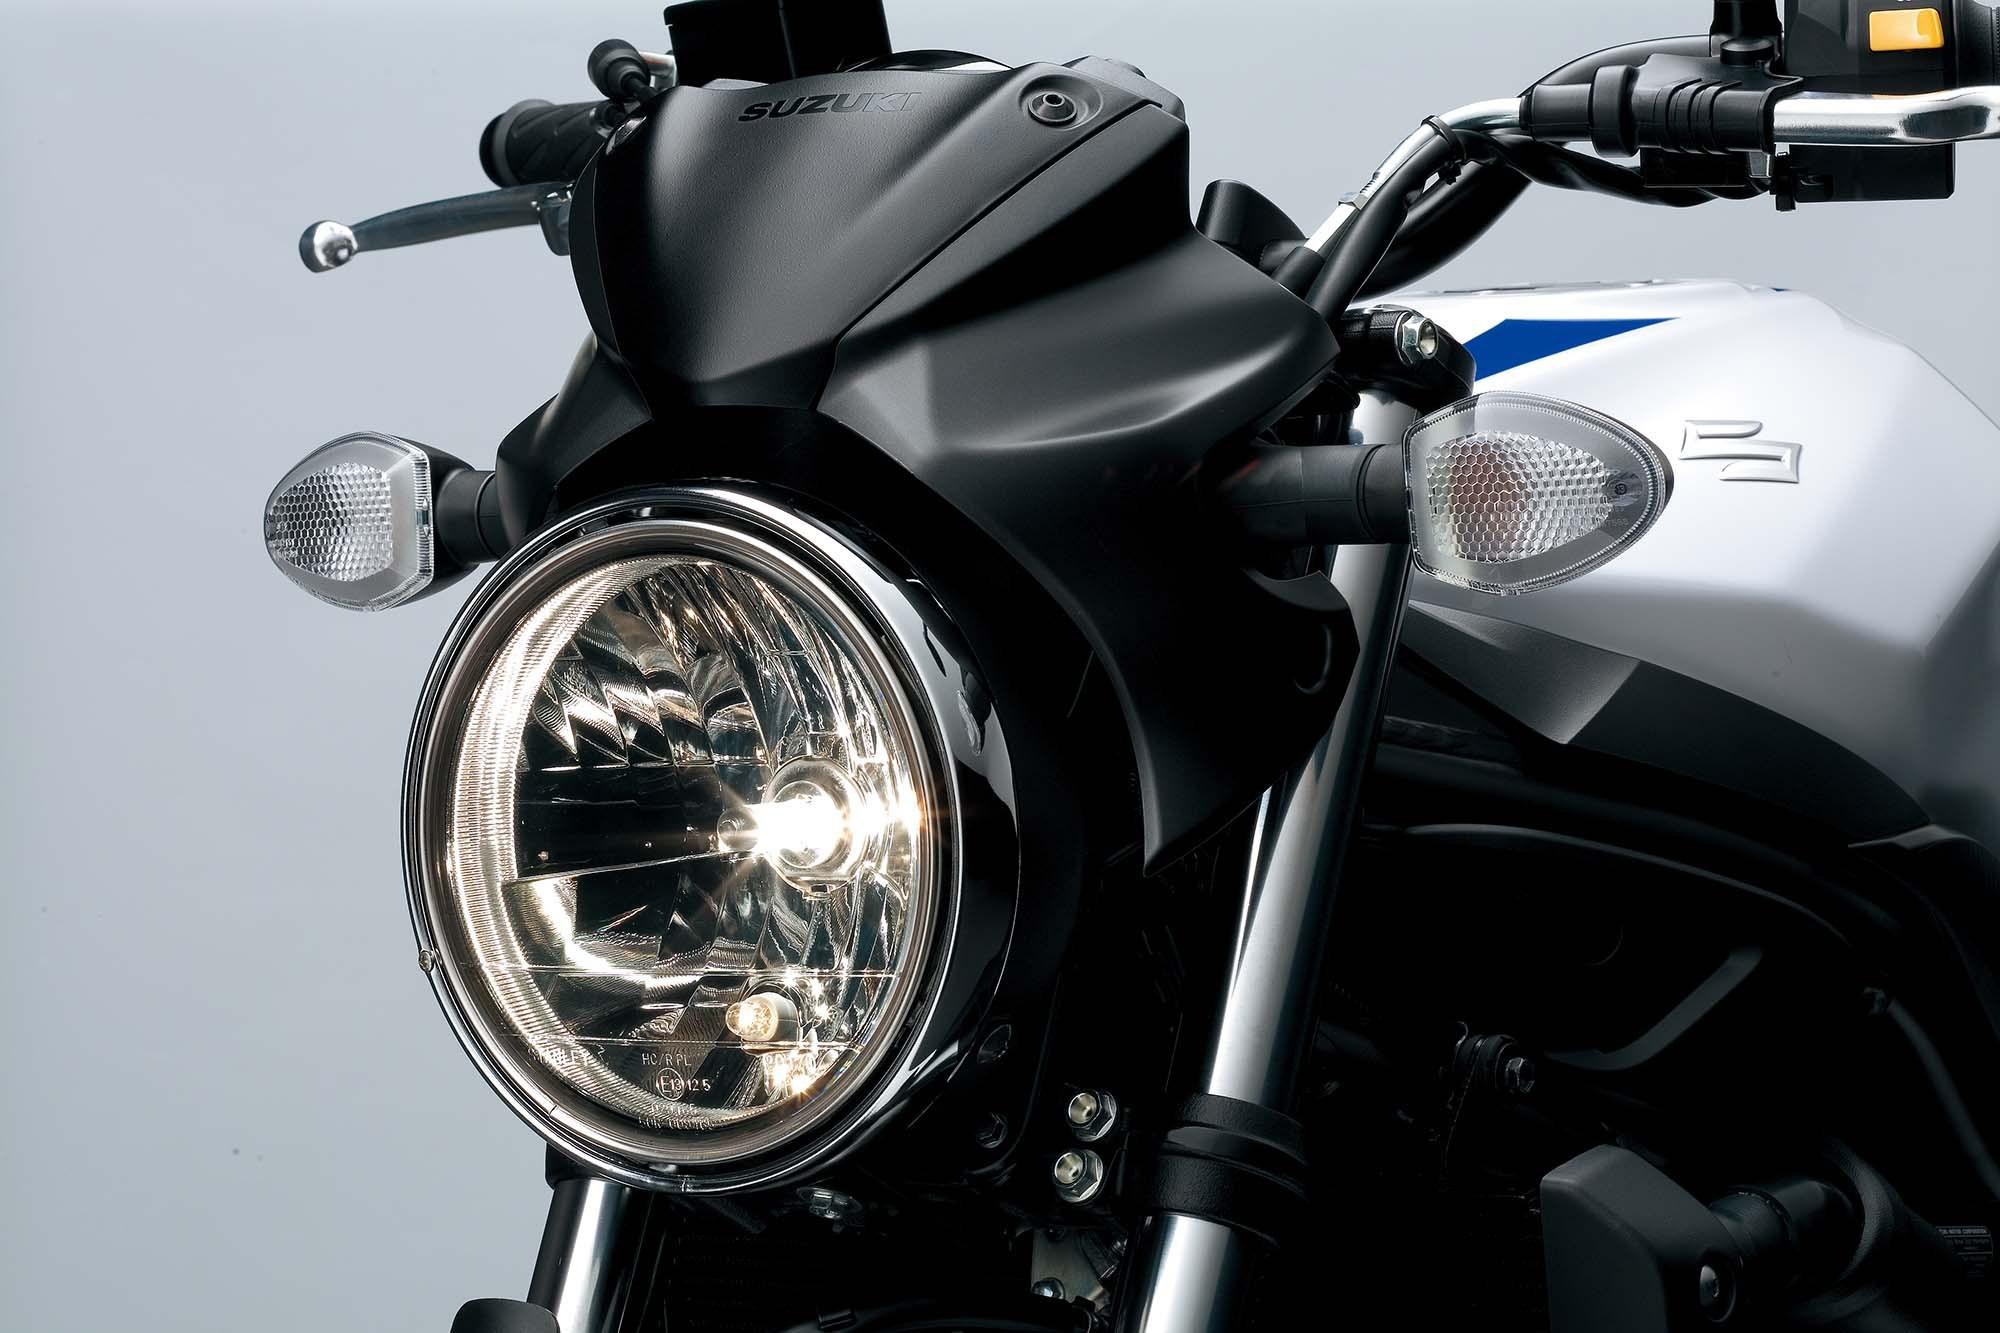 2016-Suzuki-SV650-A-details-08